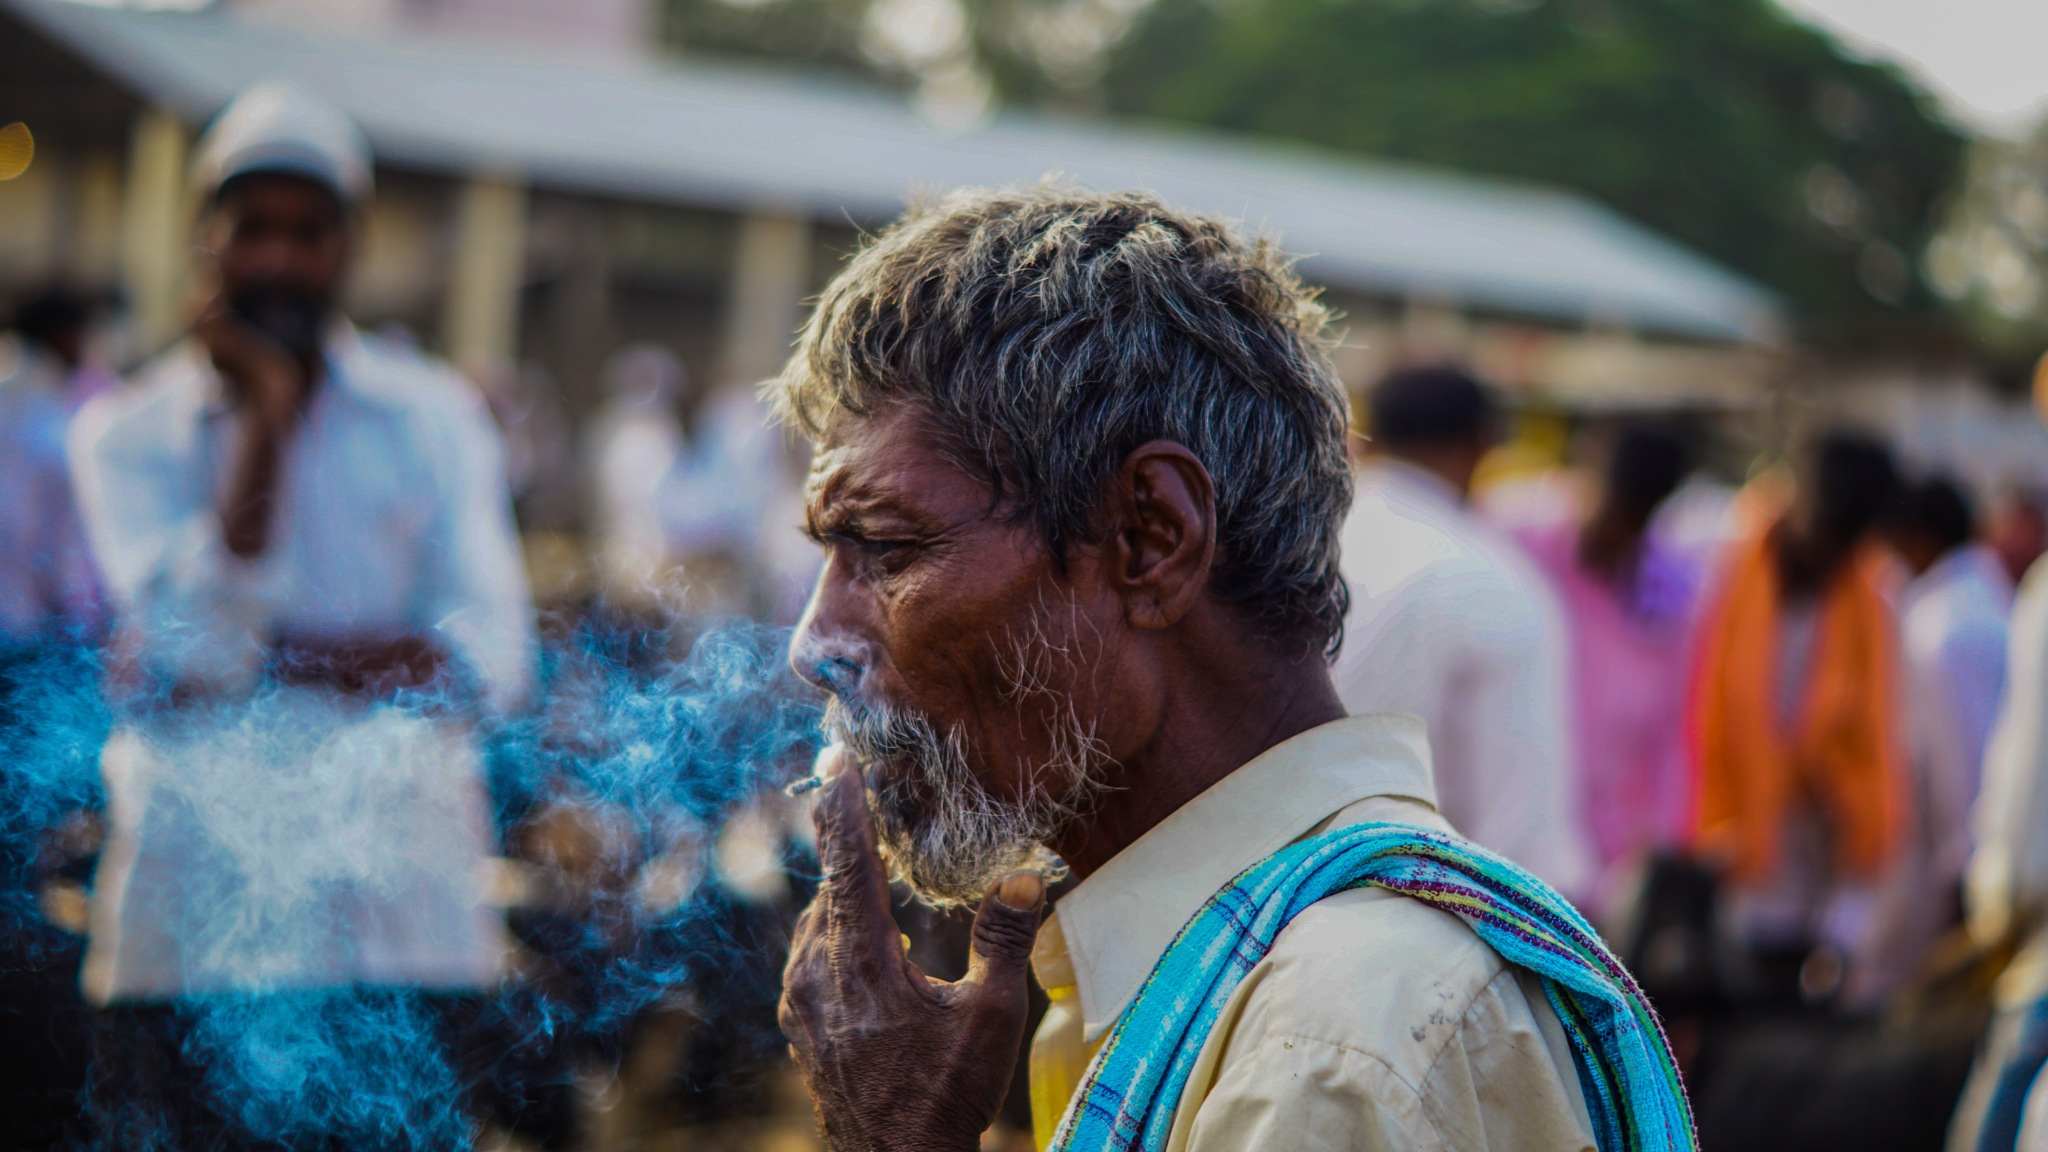 Smoker  by Photofountain